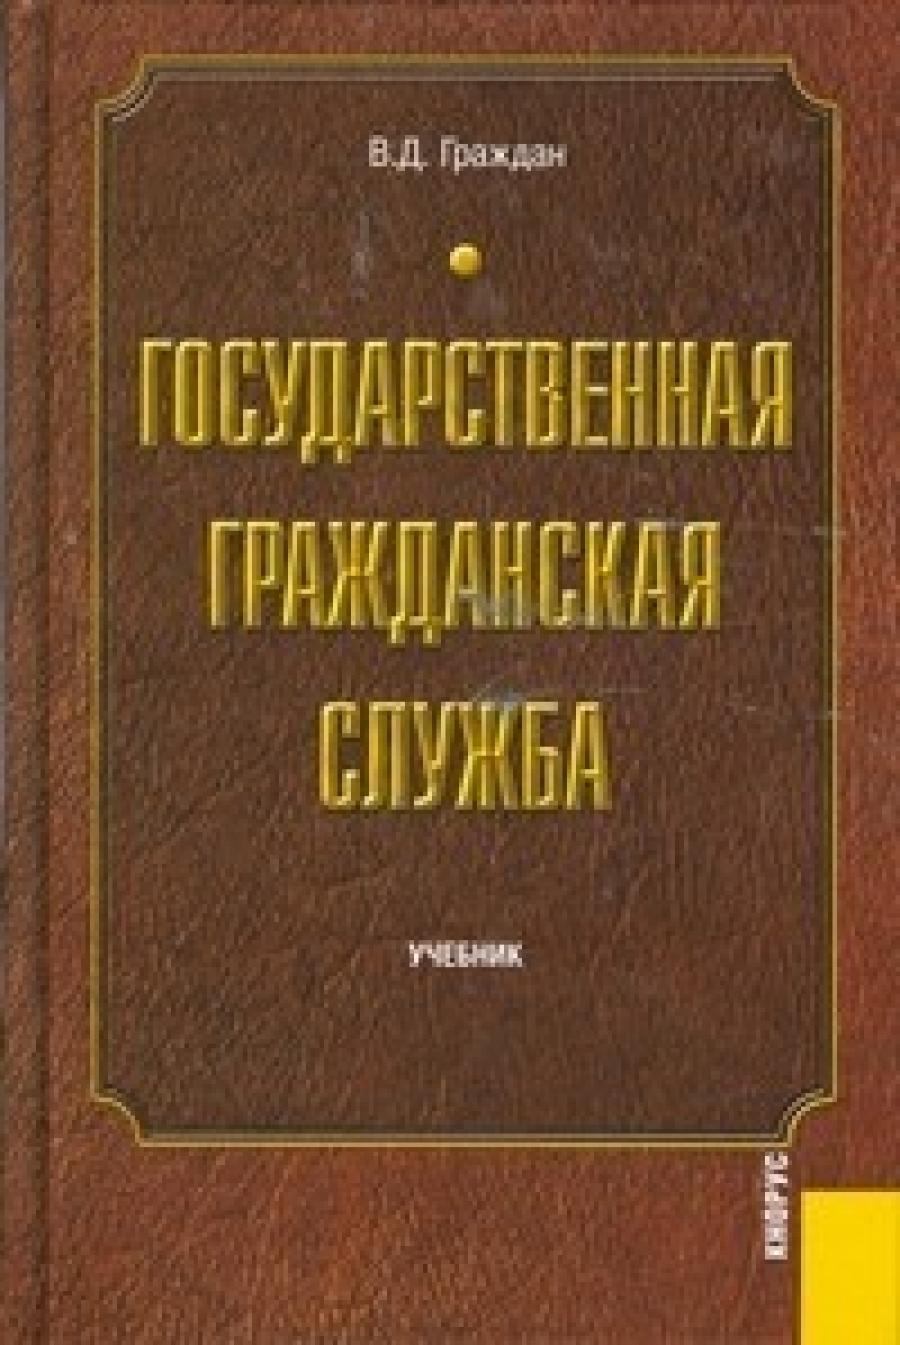 Обложка книги:  граждан в.д. - государственная гражданская служба.